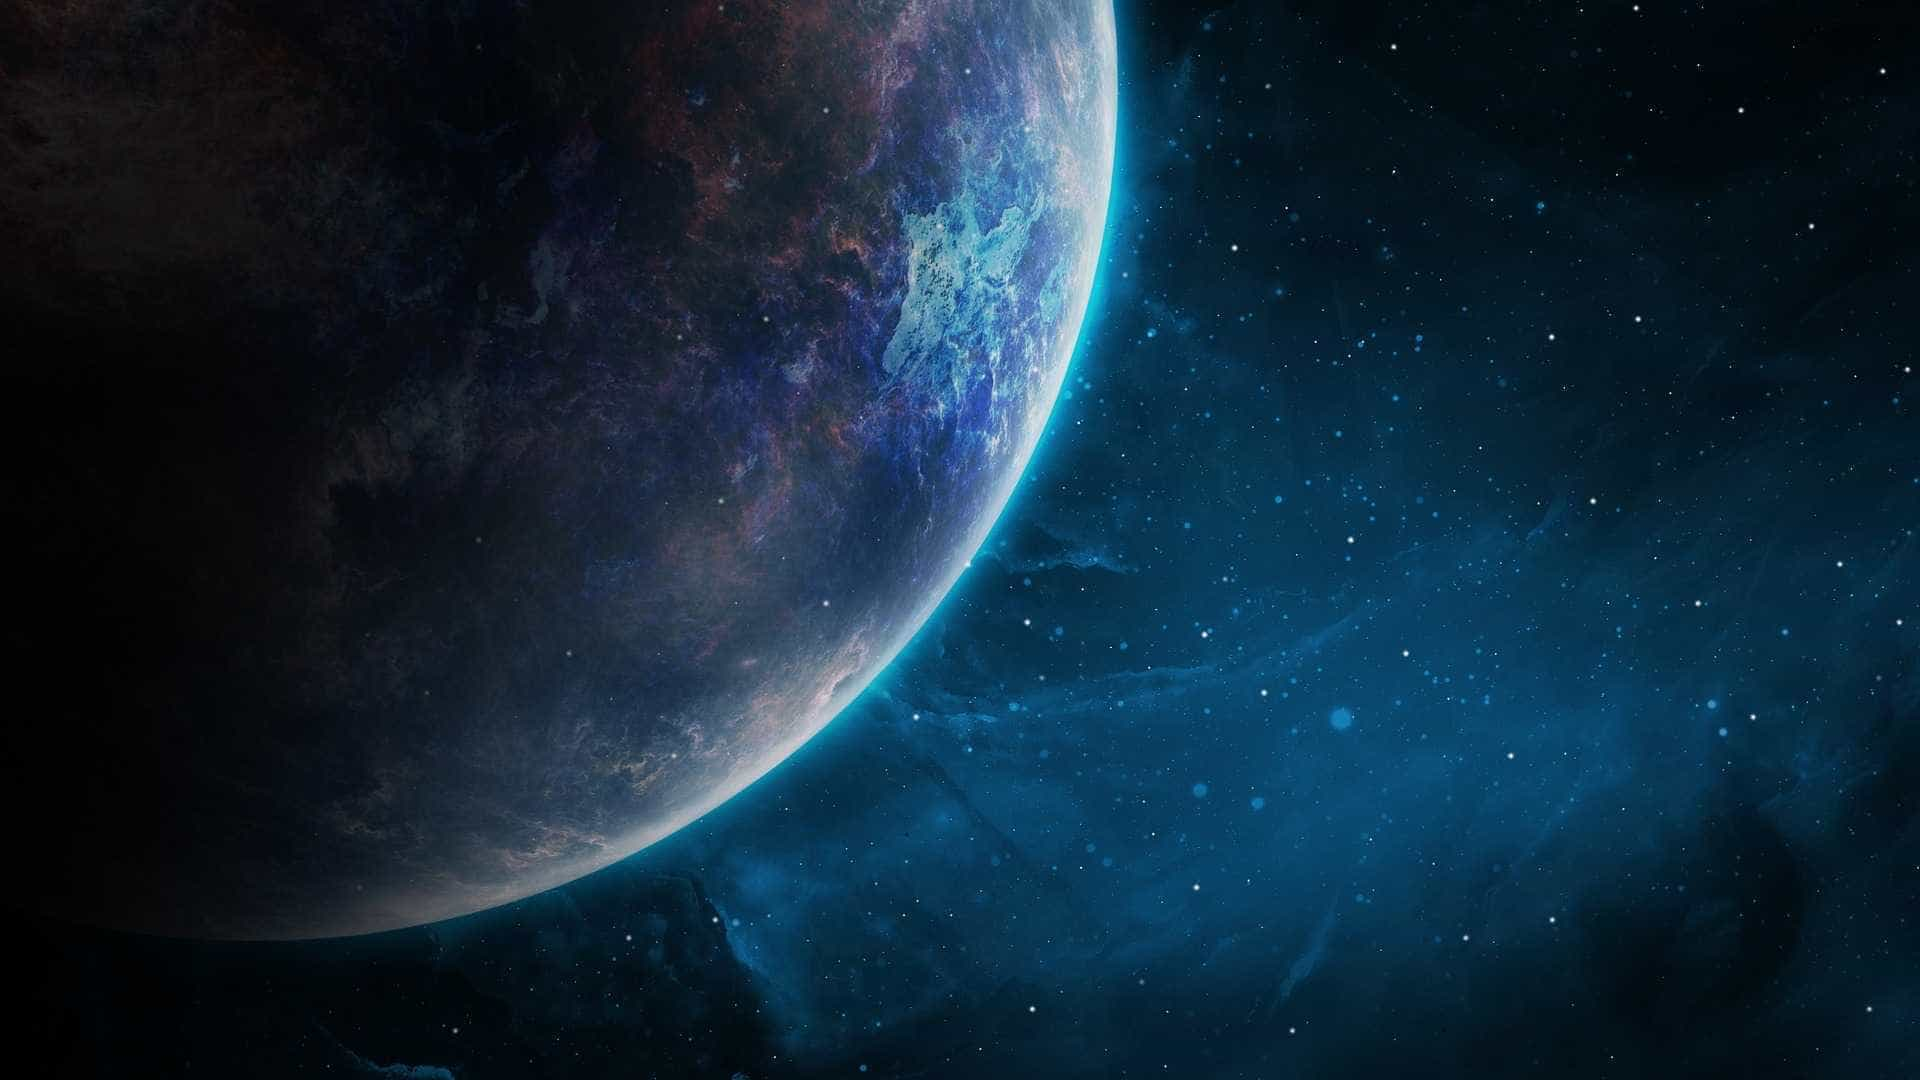 Ondas de rádio de canto obscuro do Universo assustam mais que ETs